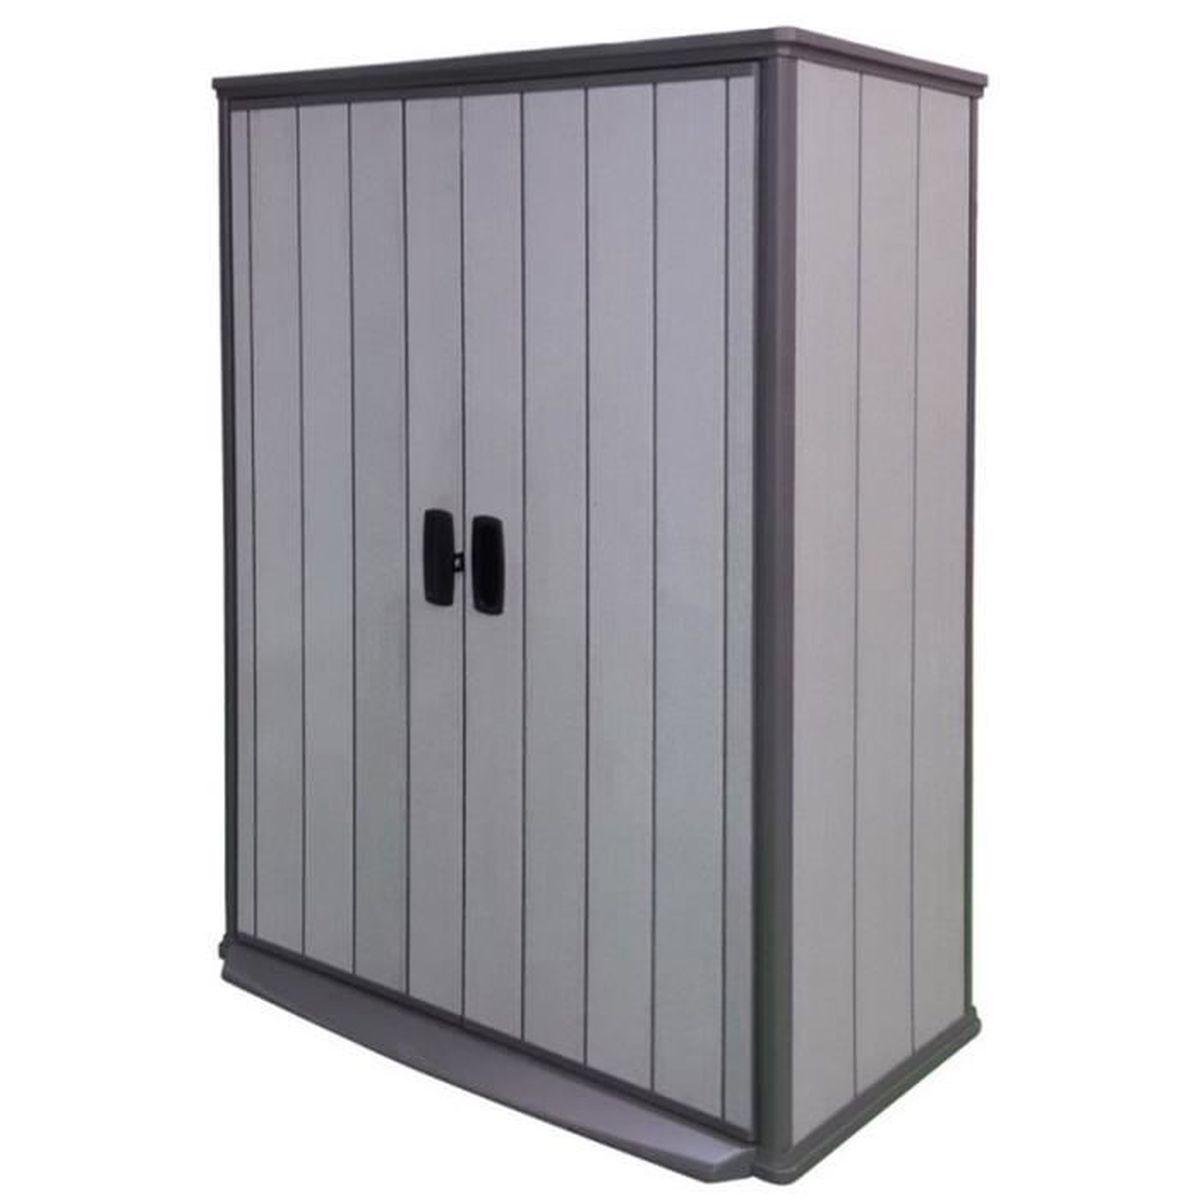 armoire de jardin en r sine polypropyl ne coloris grise 138 x 80 5 x 185 cm achat vente. Black Bedroom Furniture Sets. Home Design Ideas